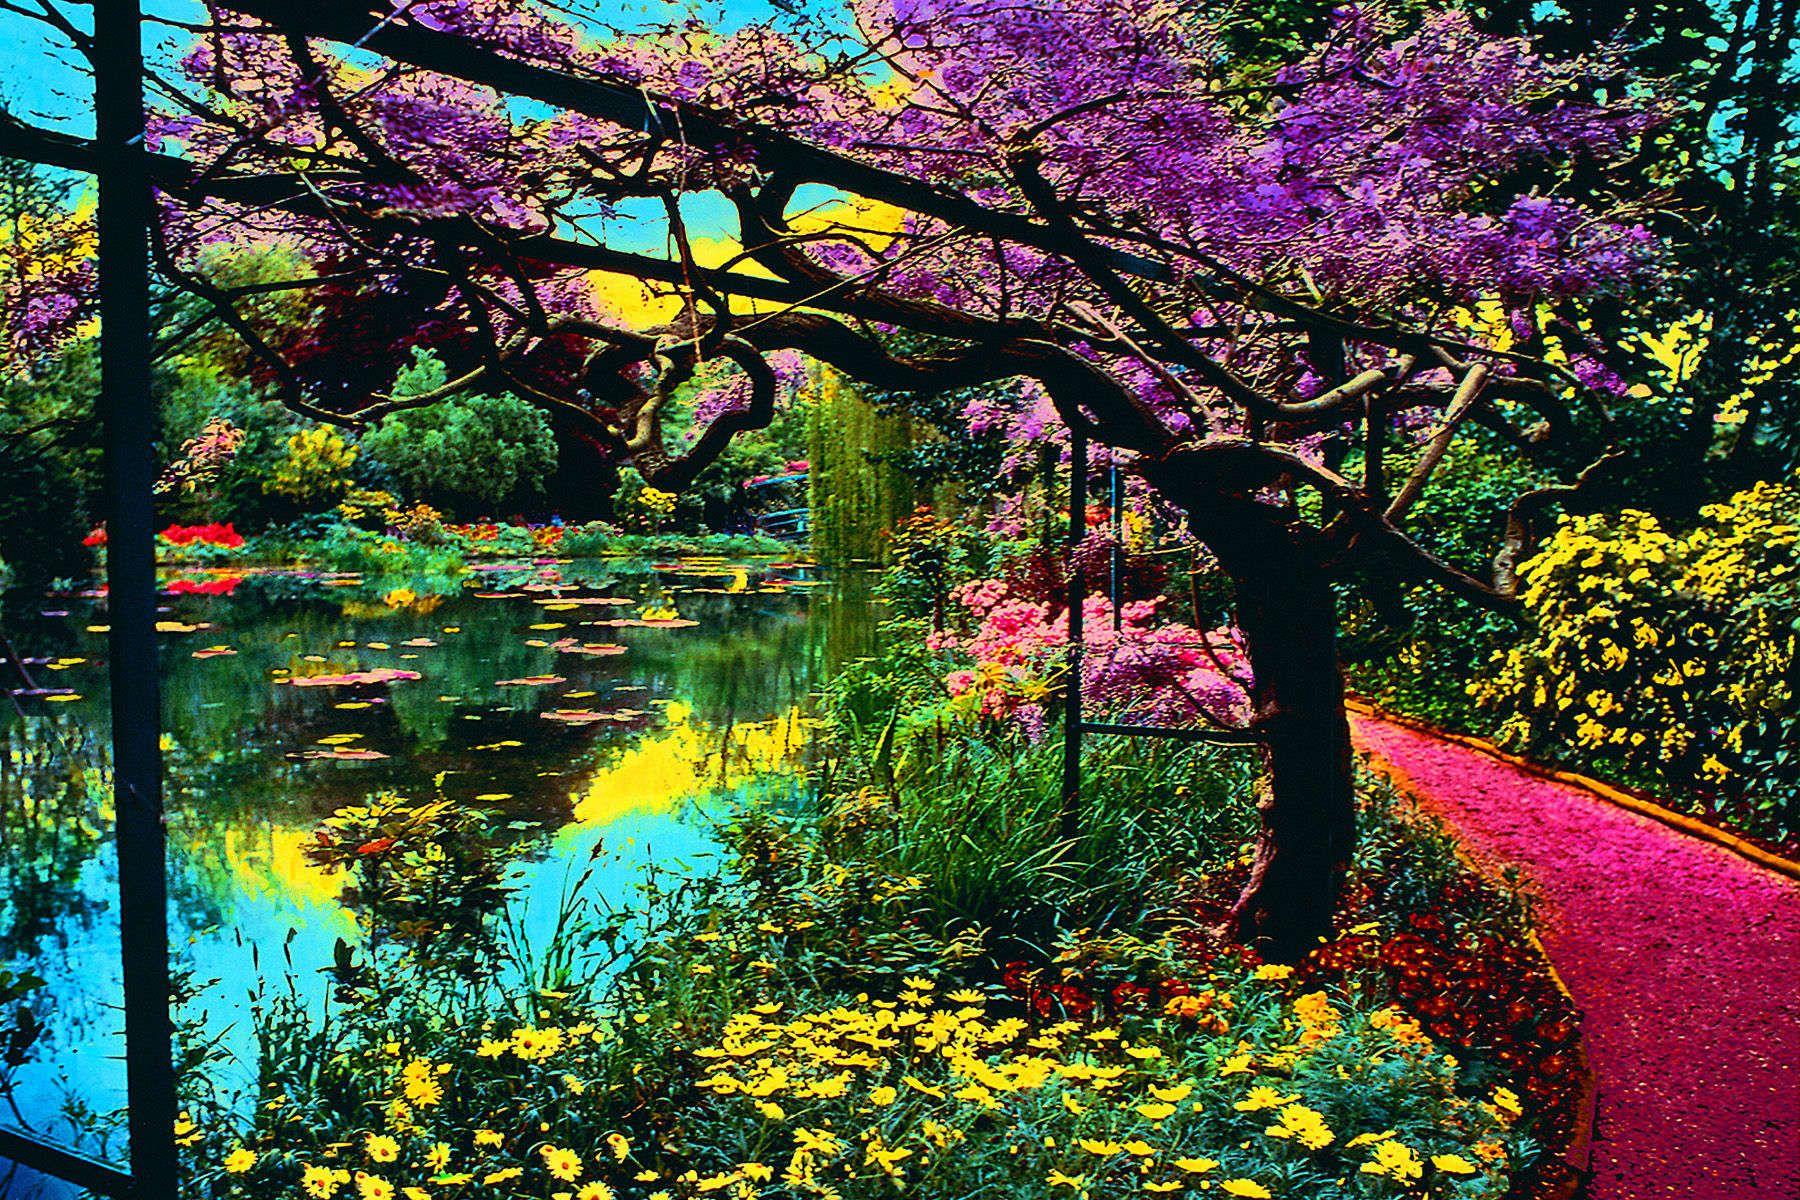 10_0_176_1m_gottlieb_monet_s_garden_path.jpg